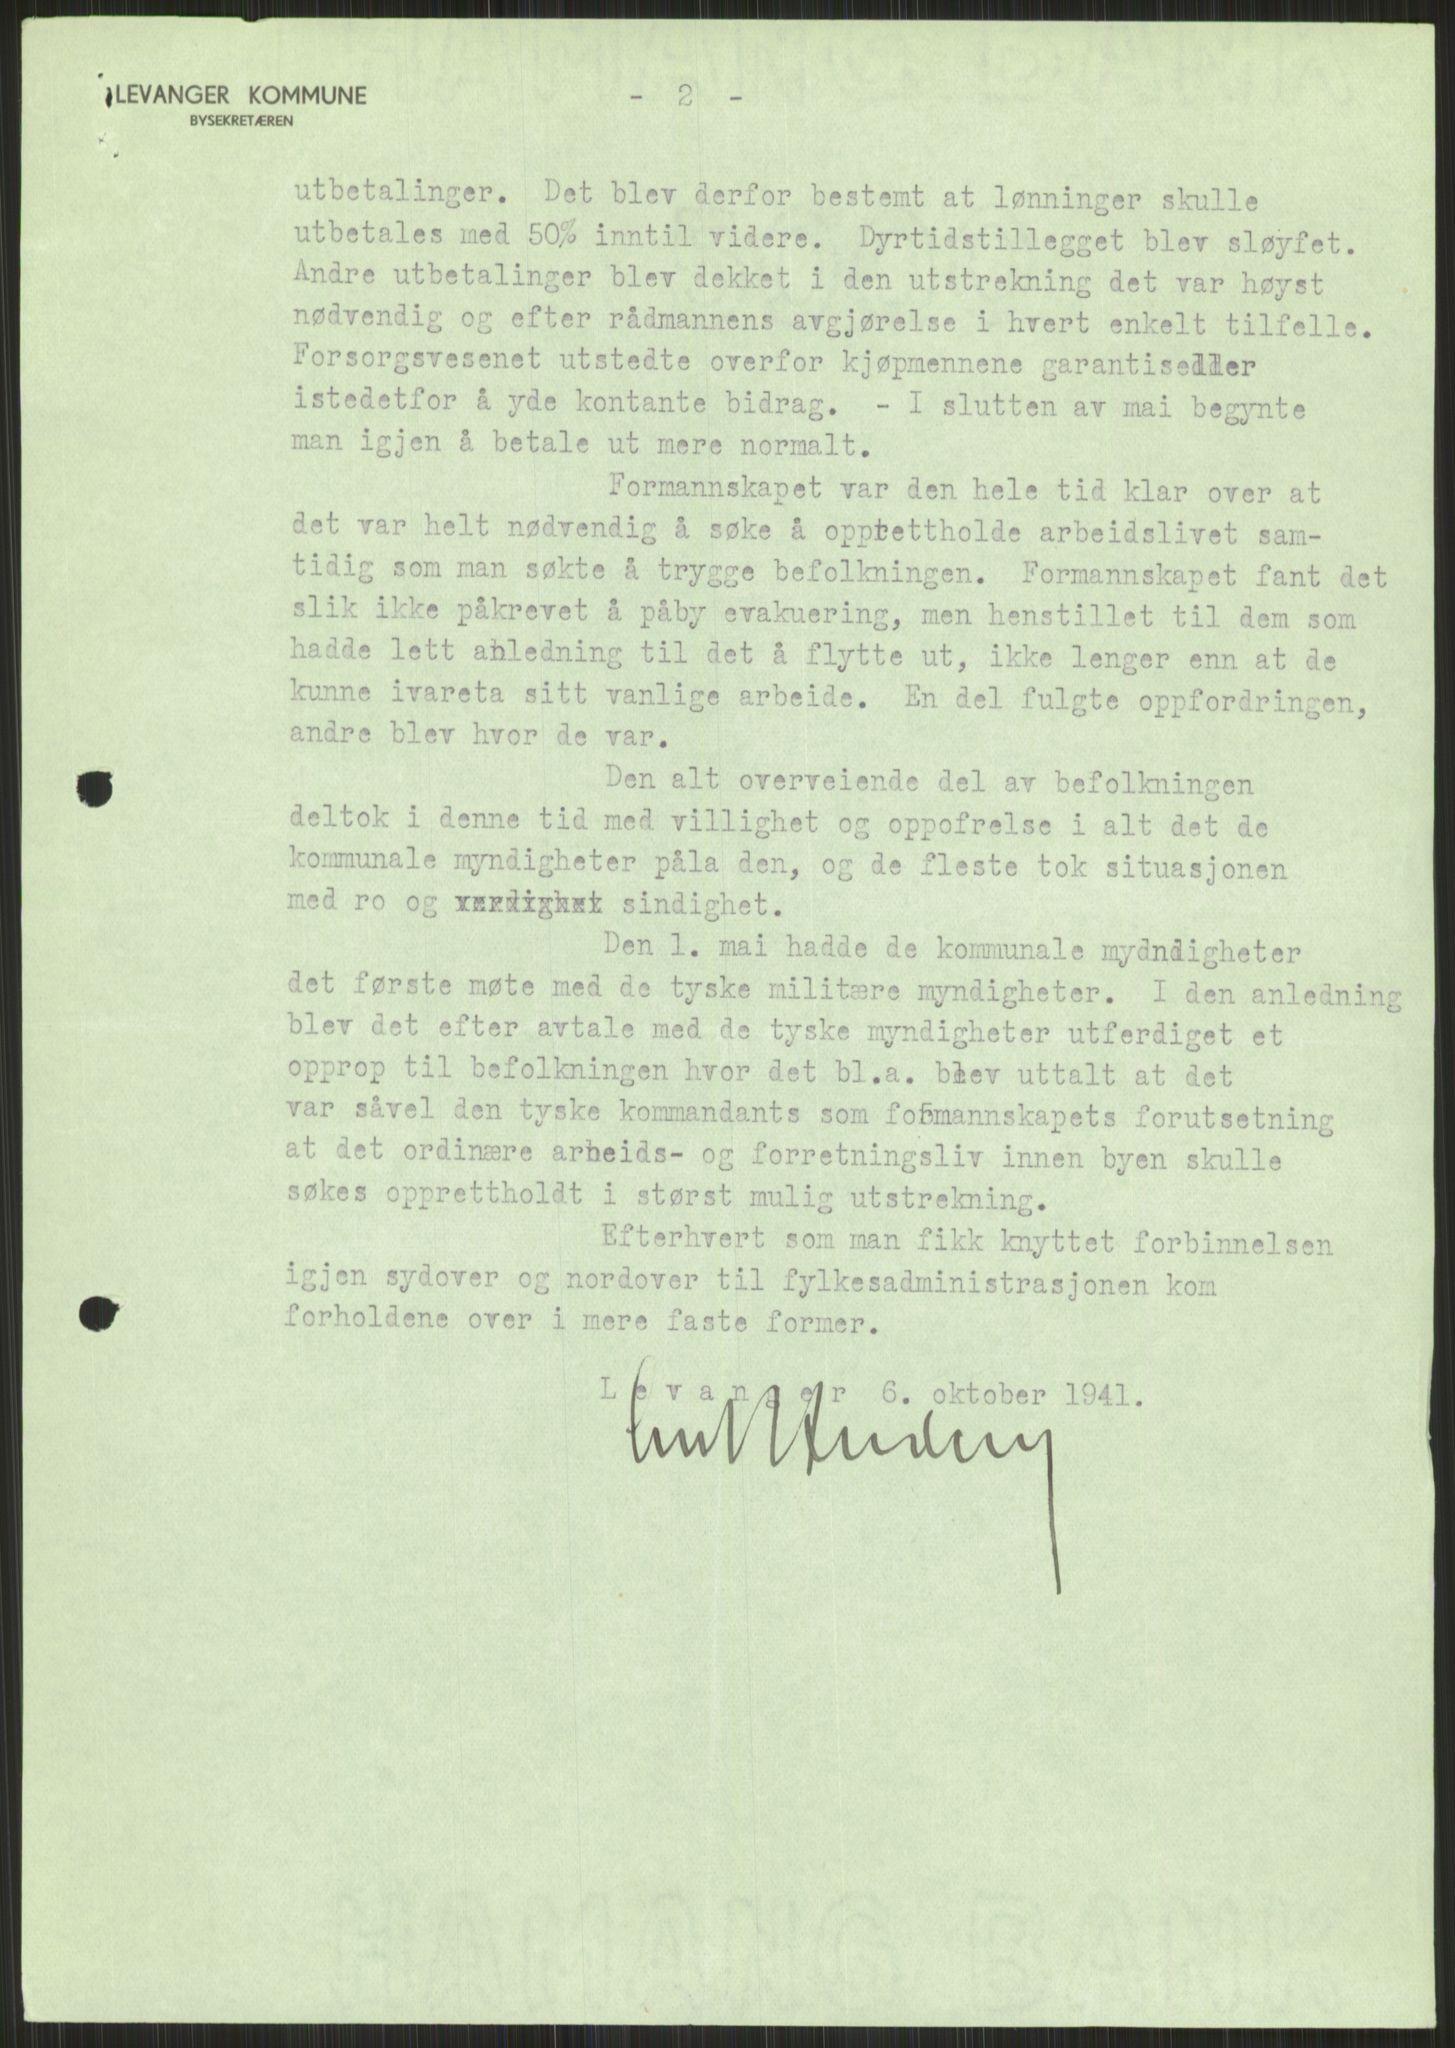 RA, Forsvaret, Forsvarets krigshistoriske avdeling, Y/Ya/L0016: II-C-11-31 - Fylkesmenn.  Rapporter om krigsbegivenhetene 1940., 1940, p. 498